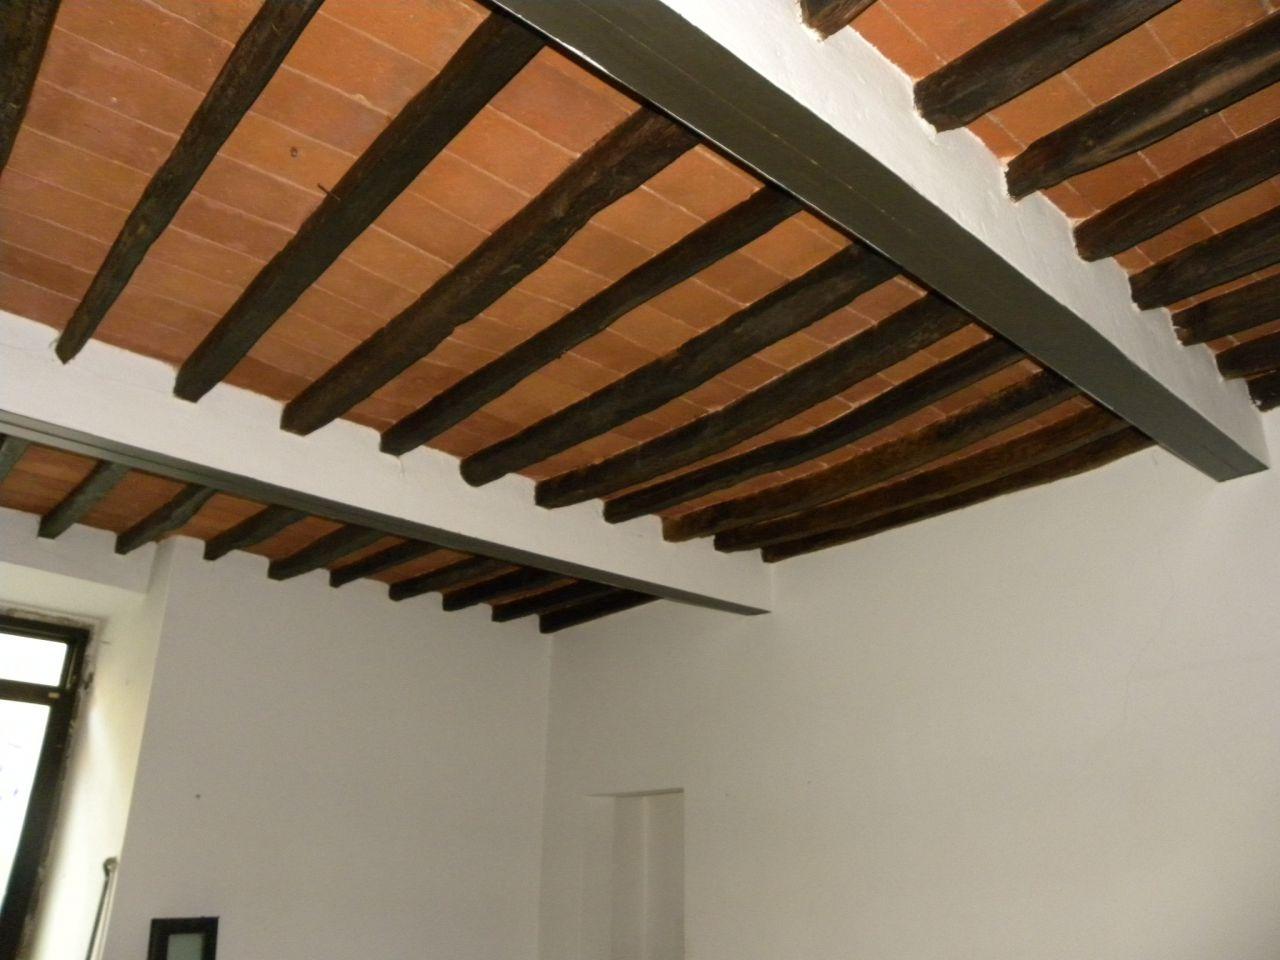 Negozio / Locale in vendita a Arezzo, 9999 locali, zona Località: CENTRO STORICO, prezzo € 110.000 | Cambio Casa.it